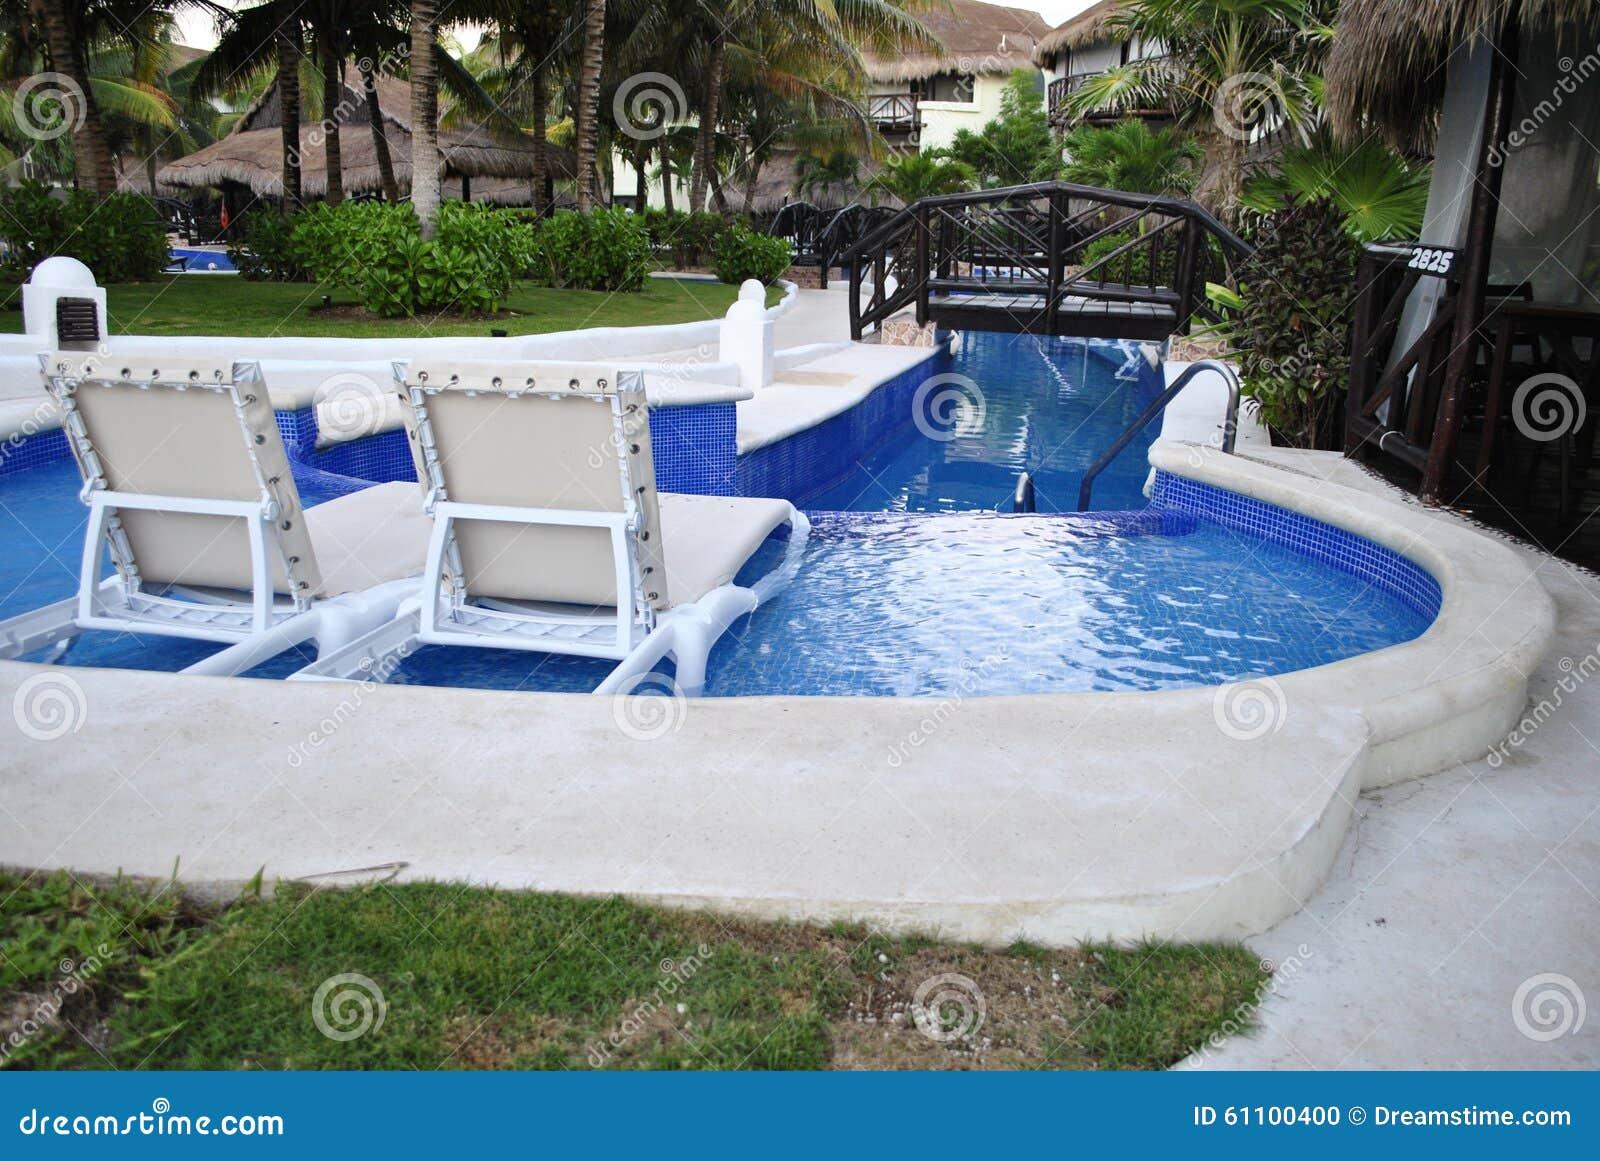 EL Dorado Casitas Royale in Cancun, Mexiko